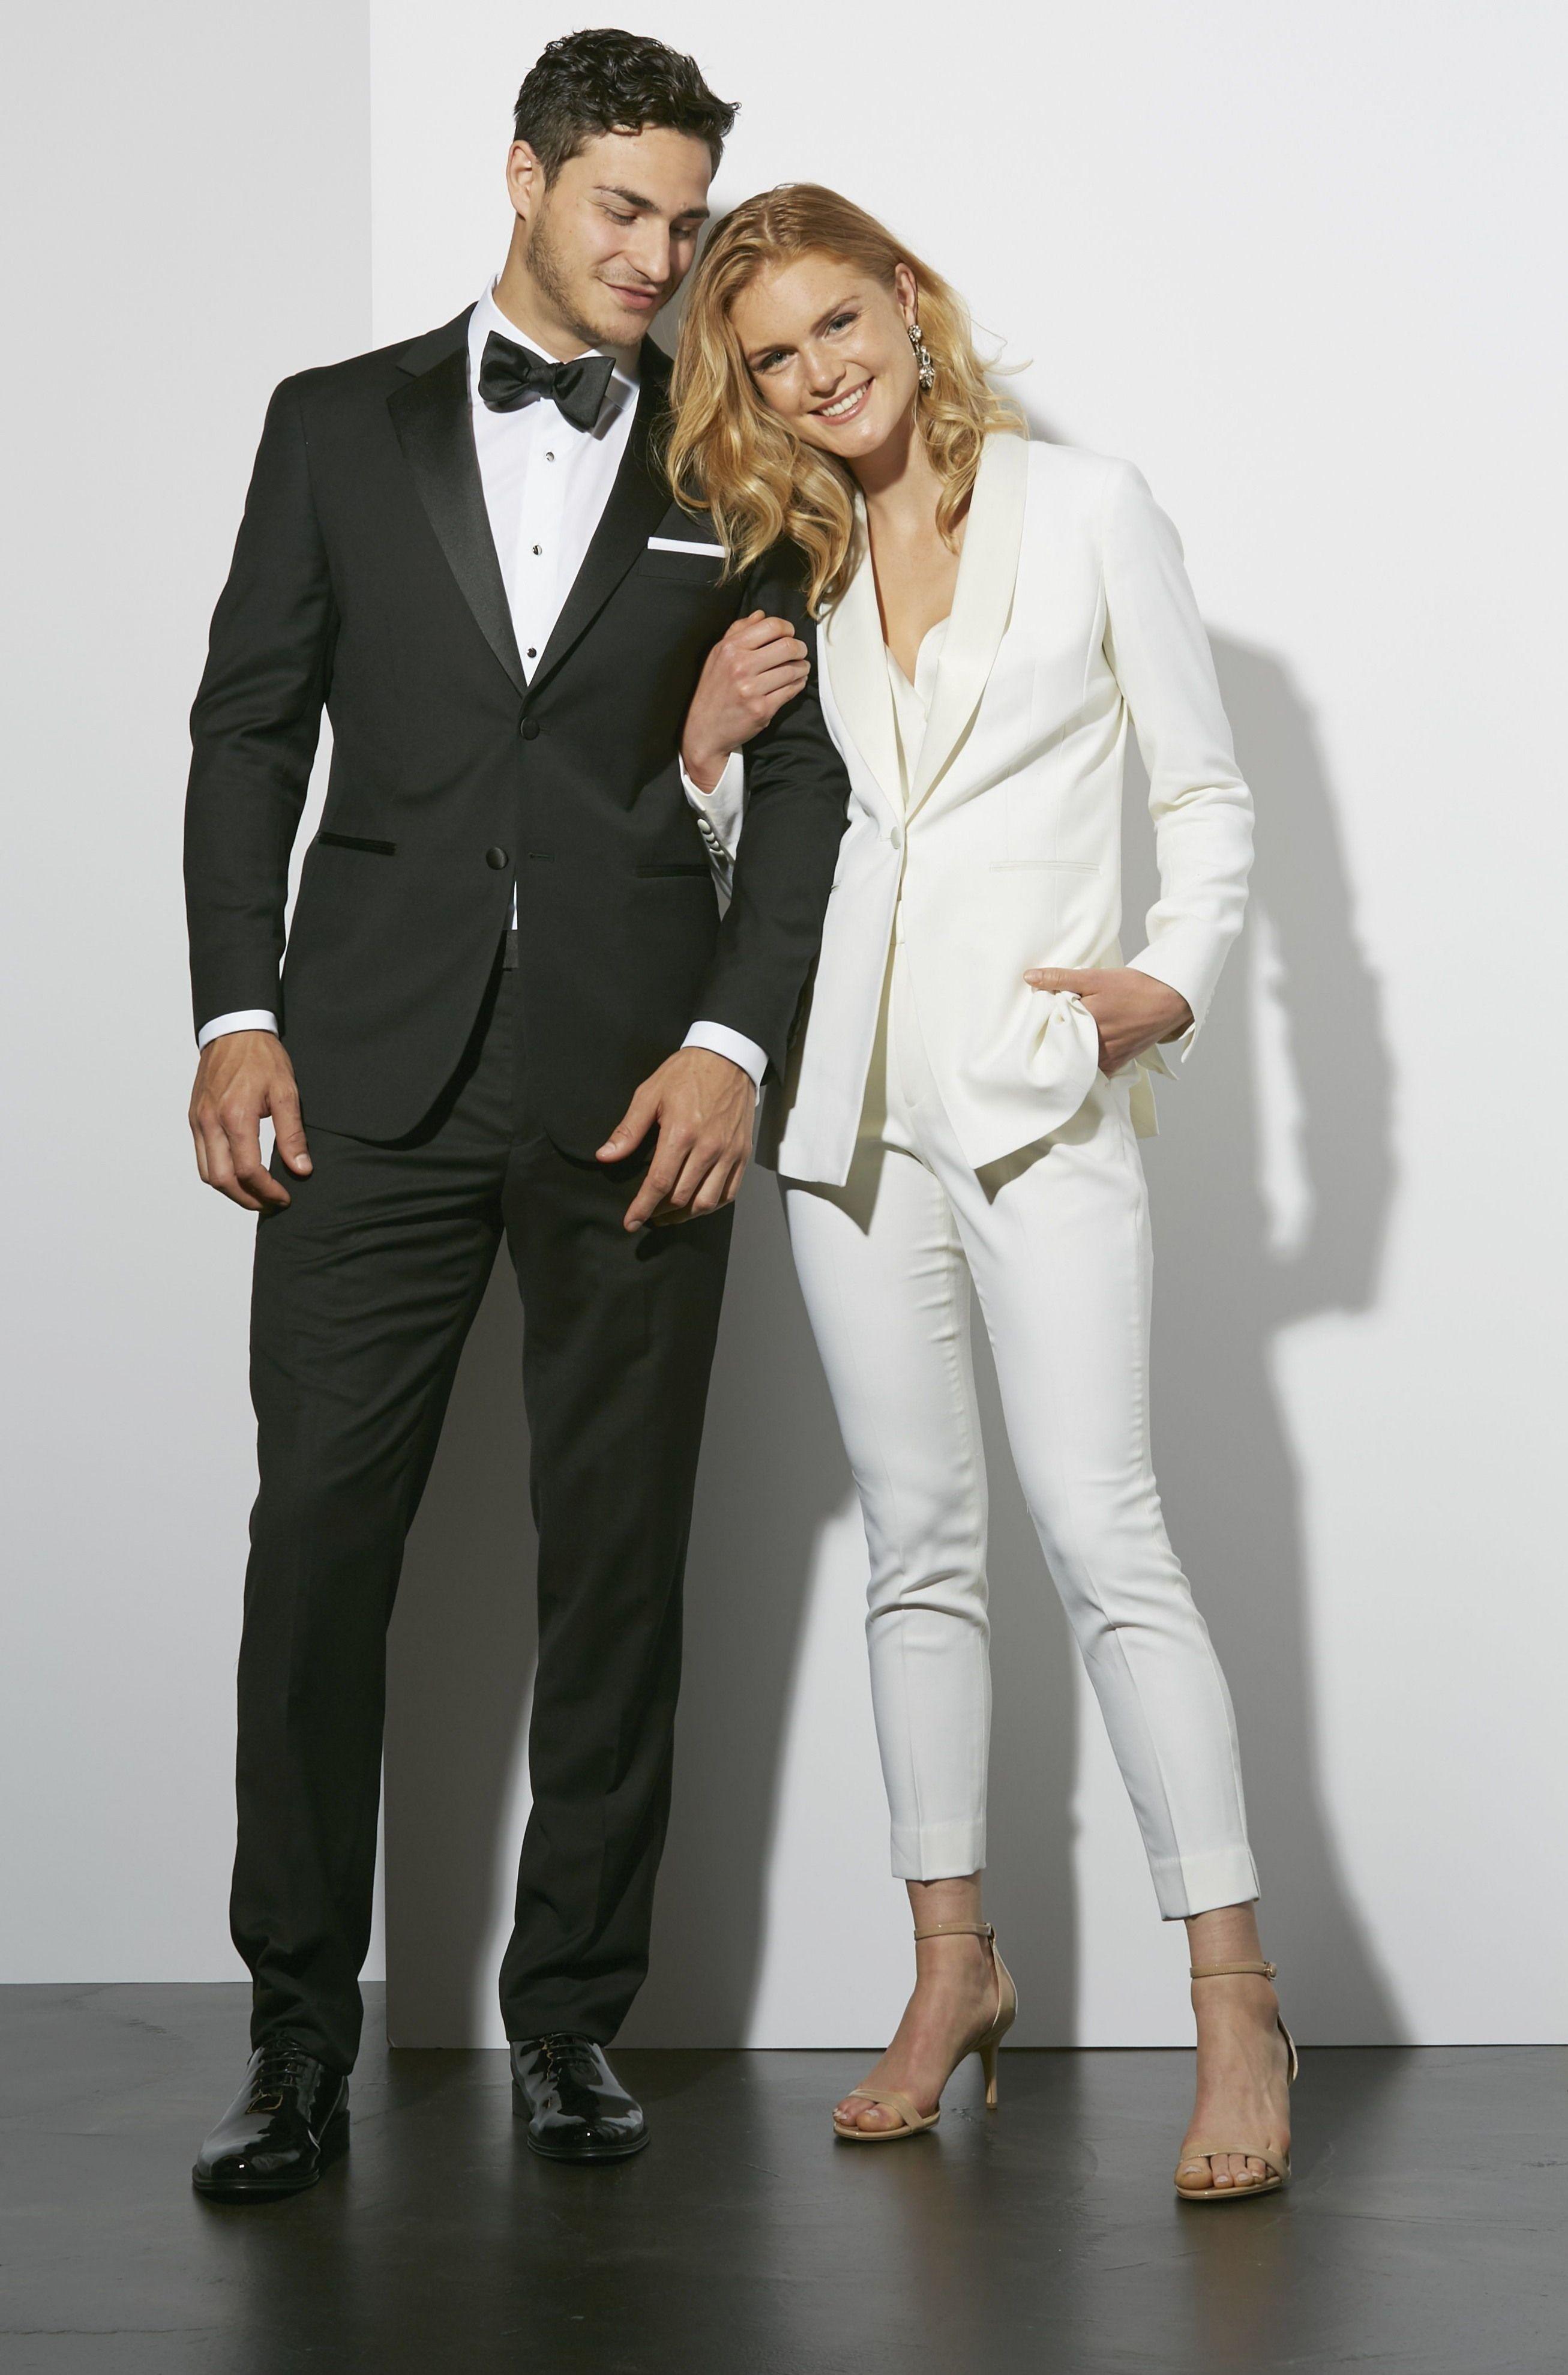 Pin Von Silviana Bottcher Auf Hochzeit Hochzeitsanzuge Fur Frauen Anzug Hochzeit Hochzeit Kleidung